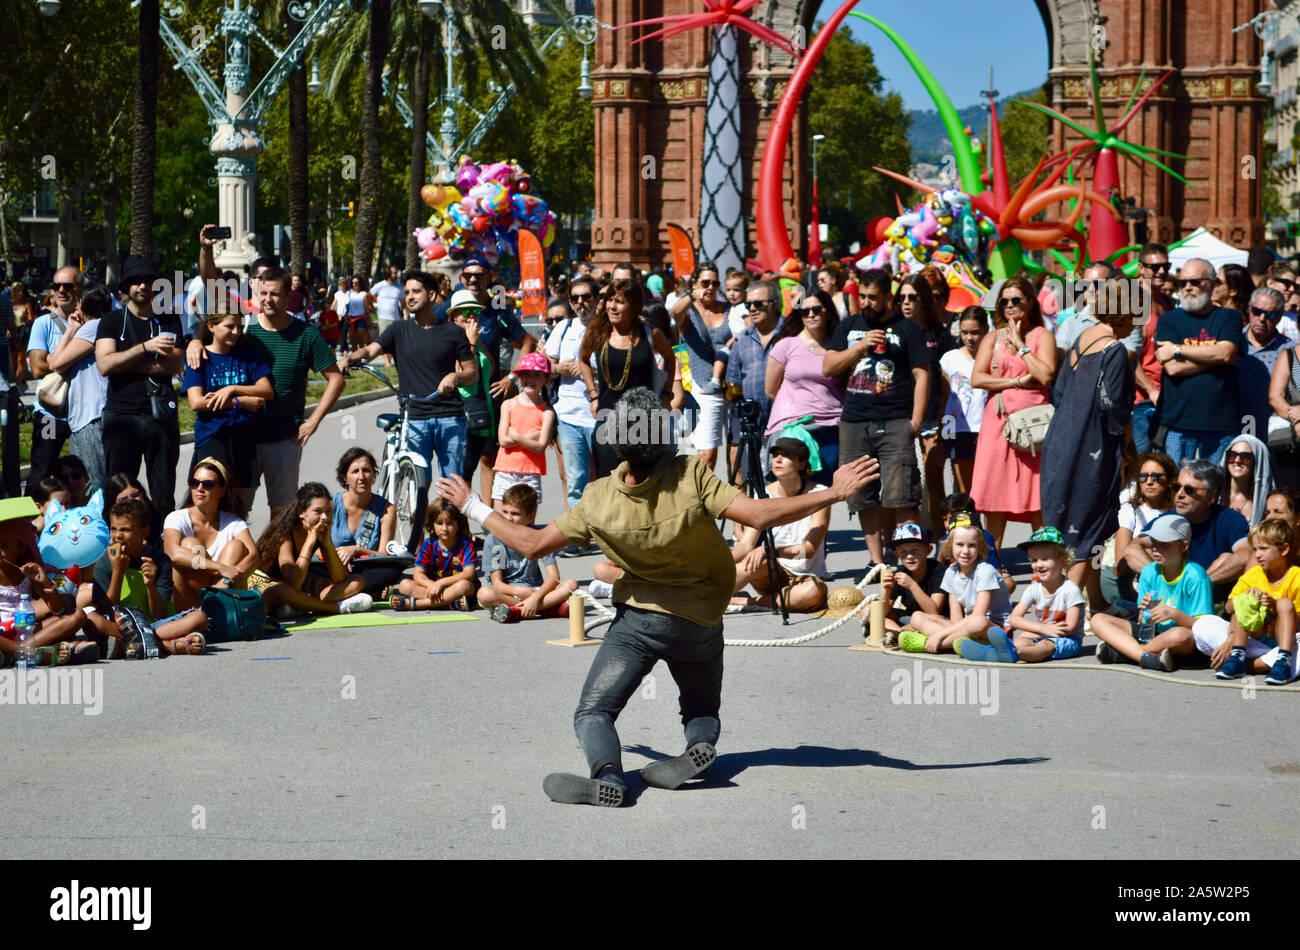 Les gens qui regardent un spectacle de deux hommes à Ciutadella Park pendant la Merce 2019 à Barcelone, Espagne Banque D'Images